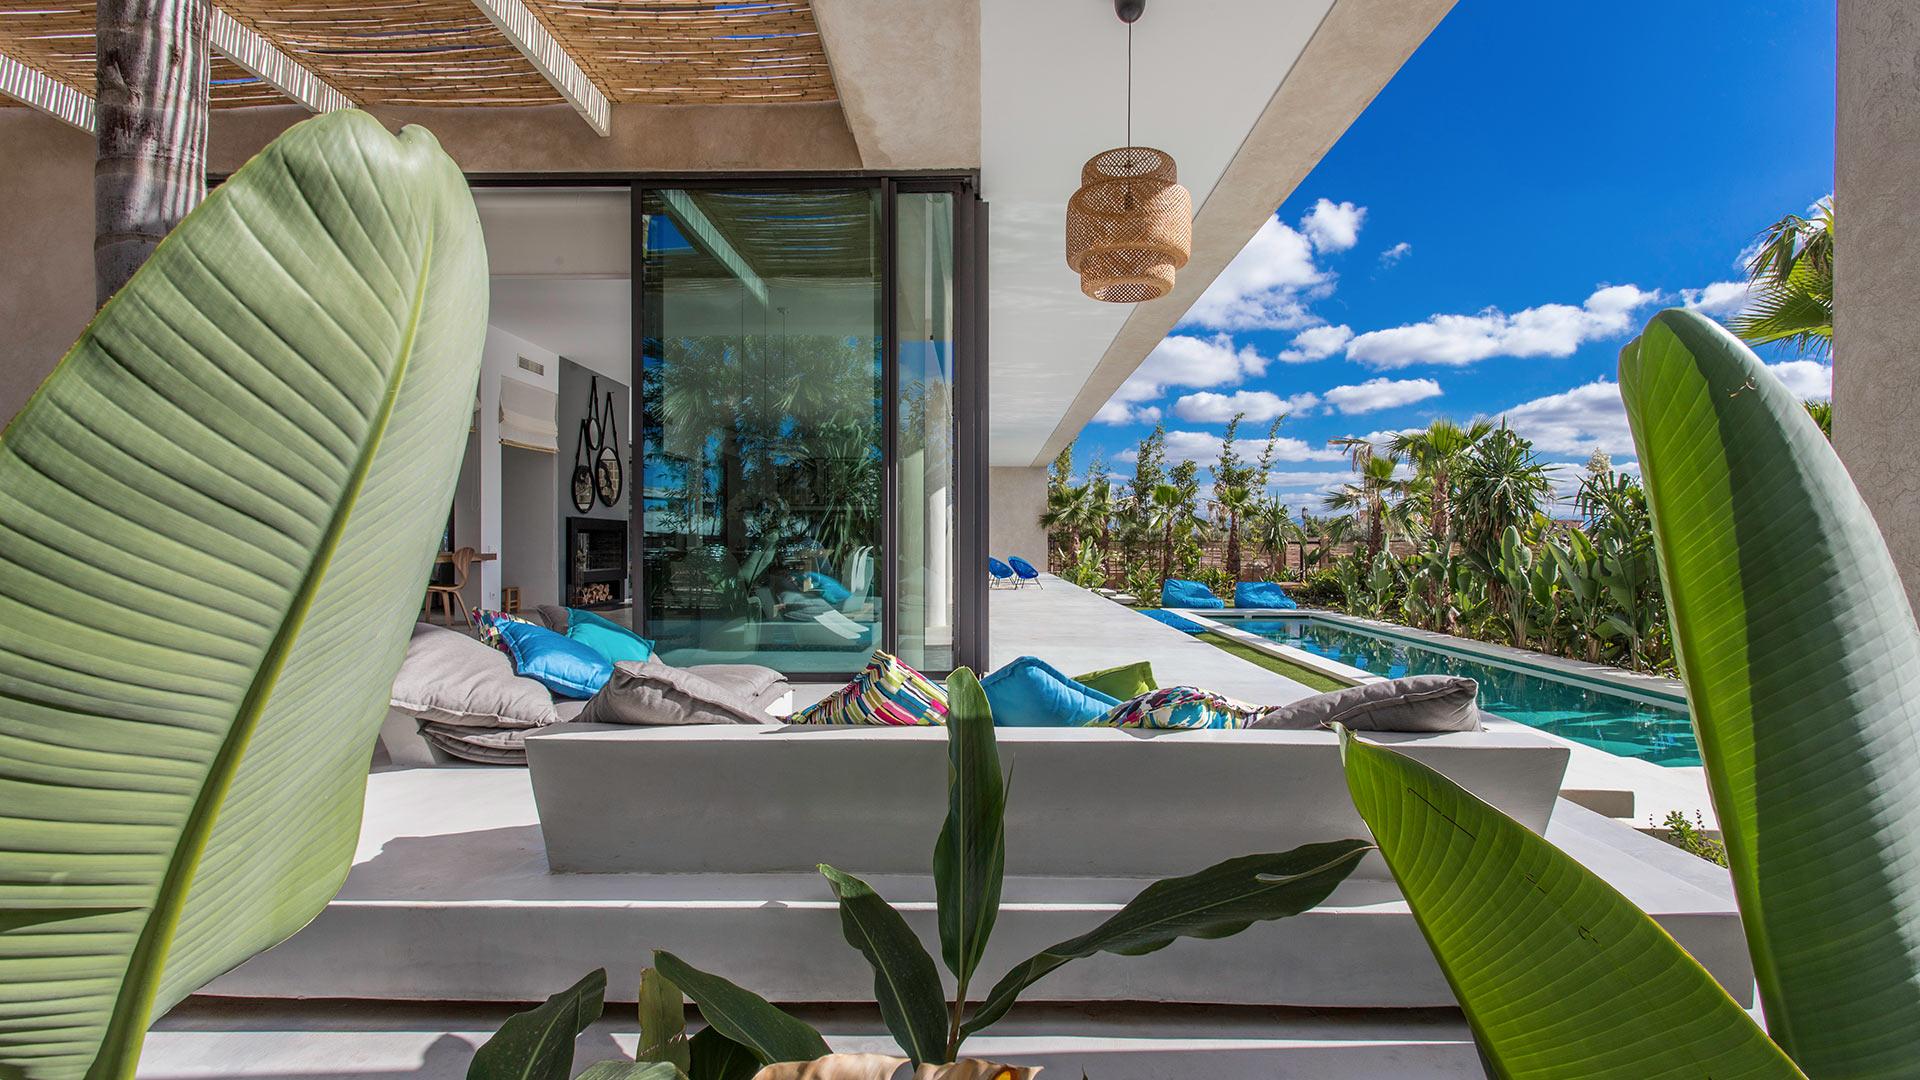 marrakech-villa-elea-8857907435c1237f7b2fb90.79987875.1920